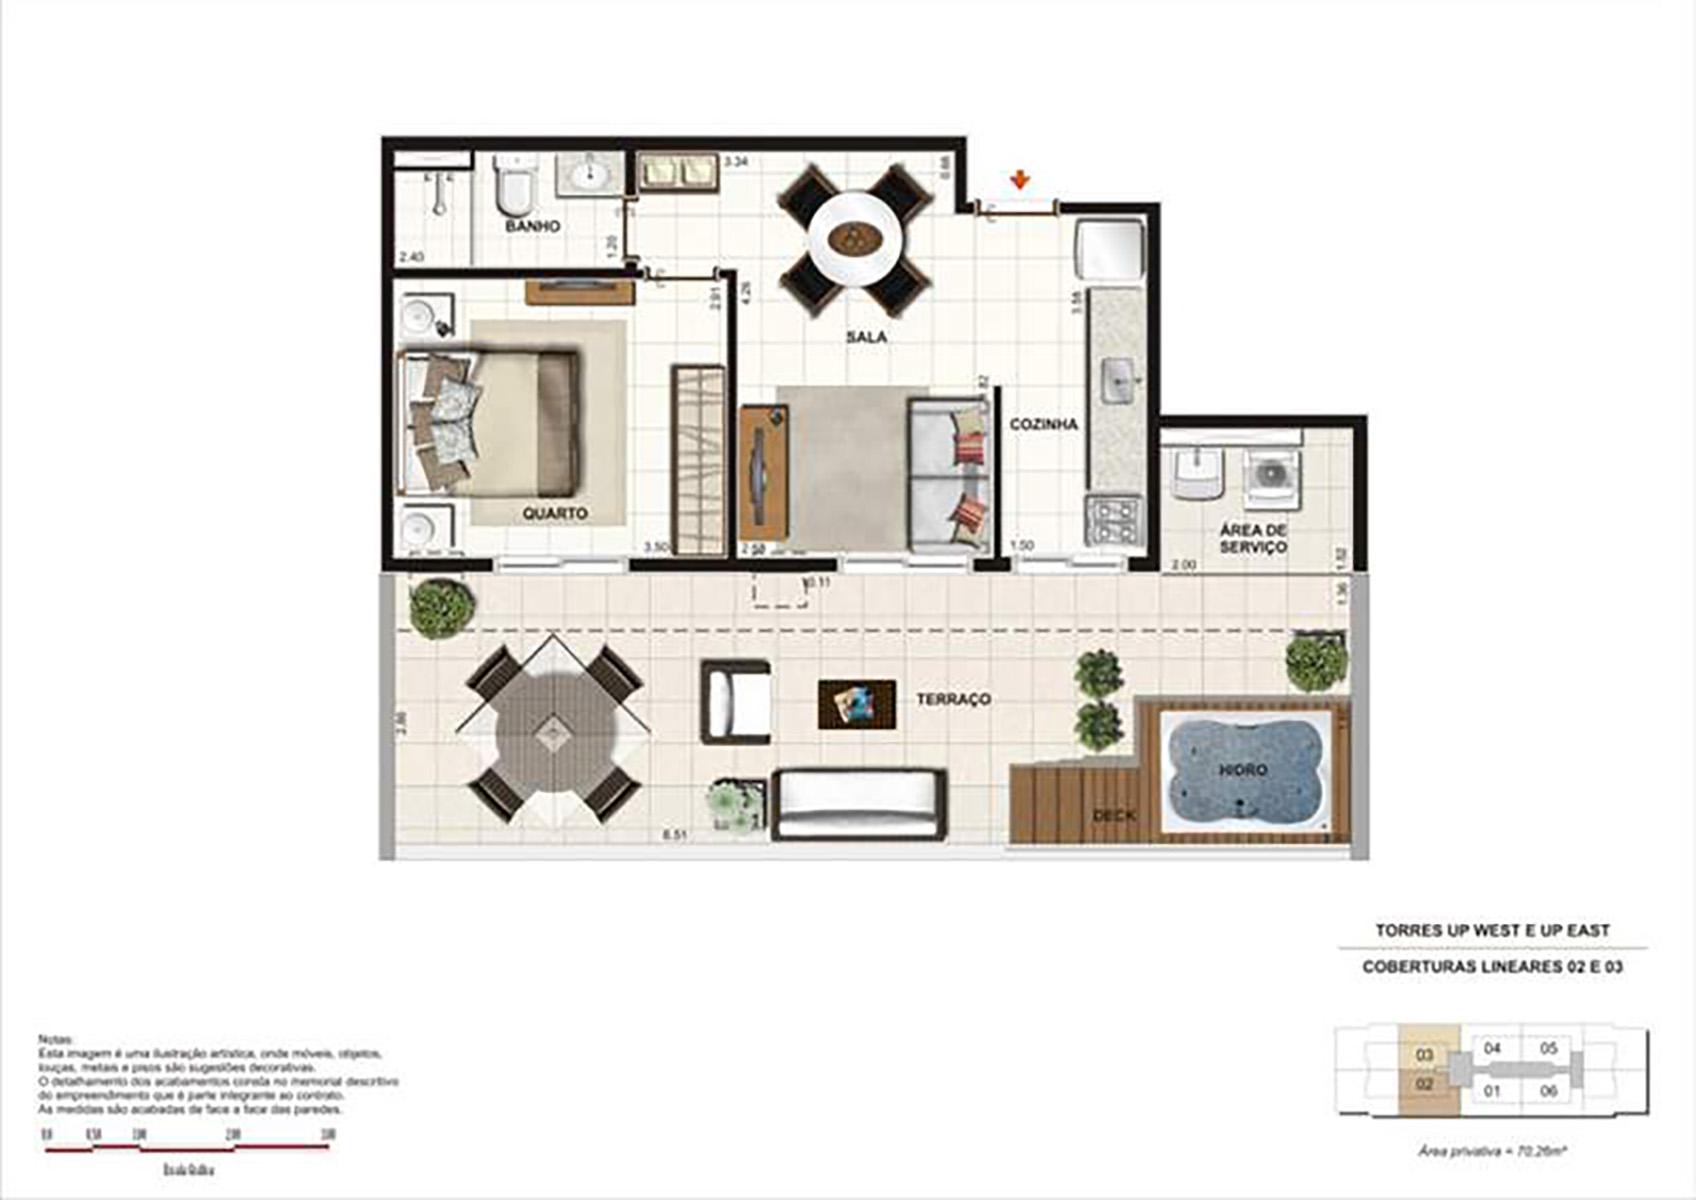 Ilustração Artística da Planta da Cobertura de 70 m² tipo 1 Up Residence